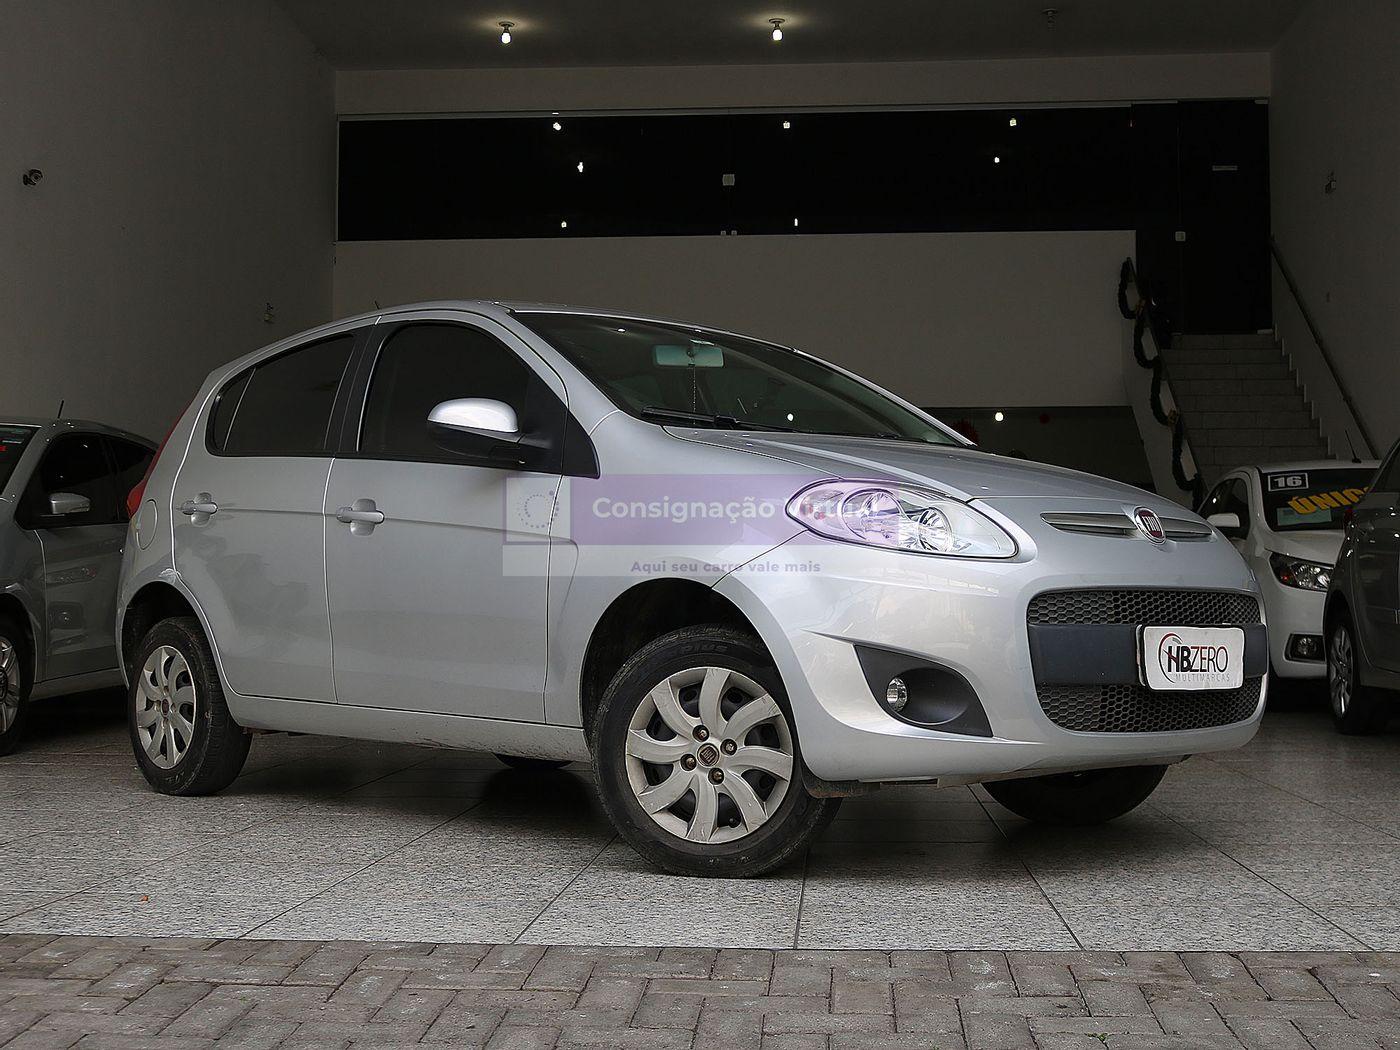 Fiat Palio ATTRA. Best Seller 1.4 EVO Flex 5p